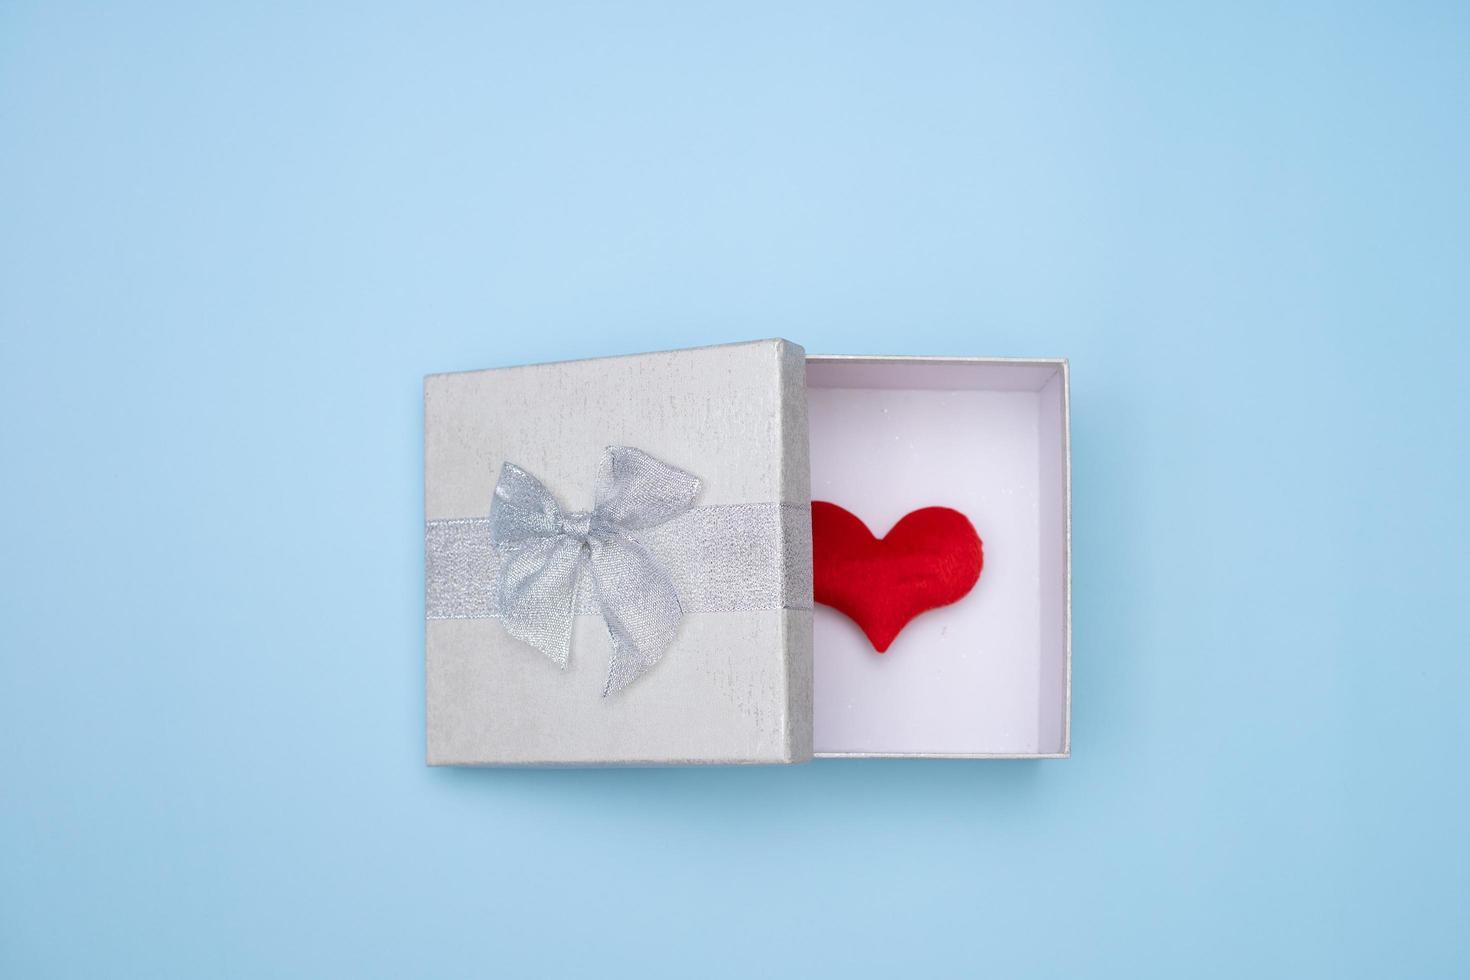 coeur dans une boîte cadeau photo